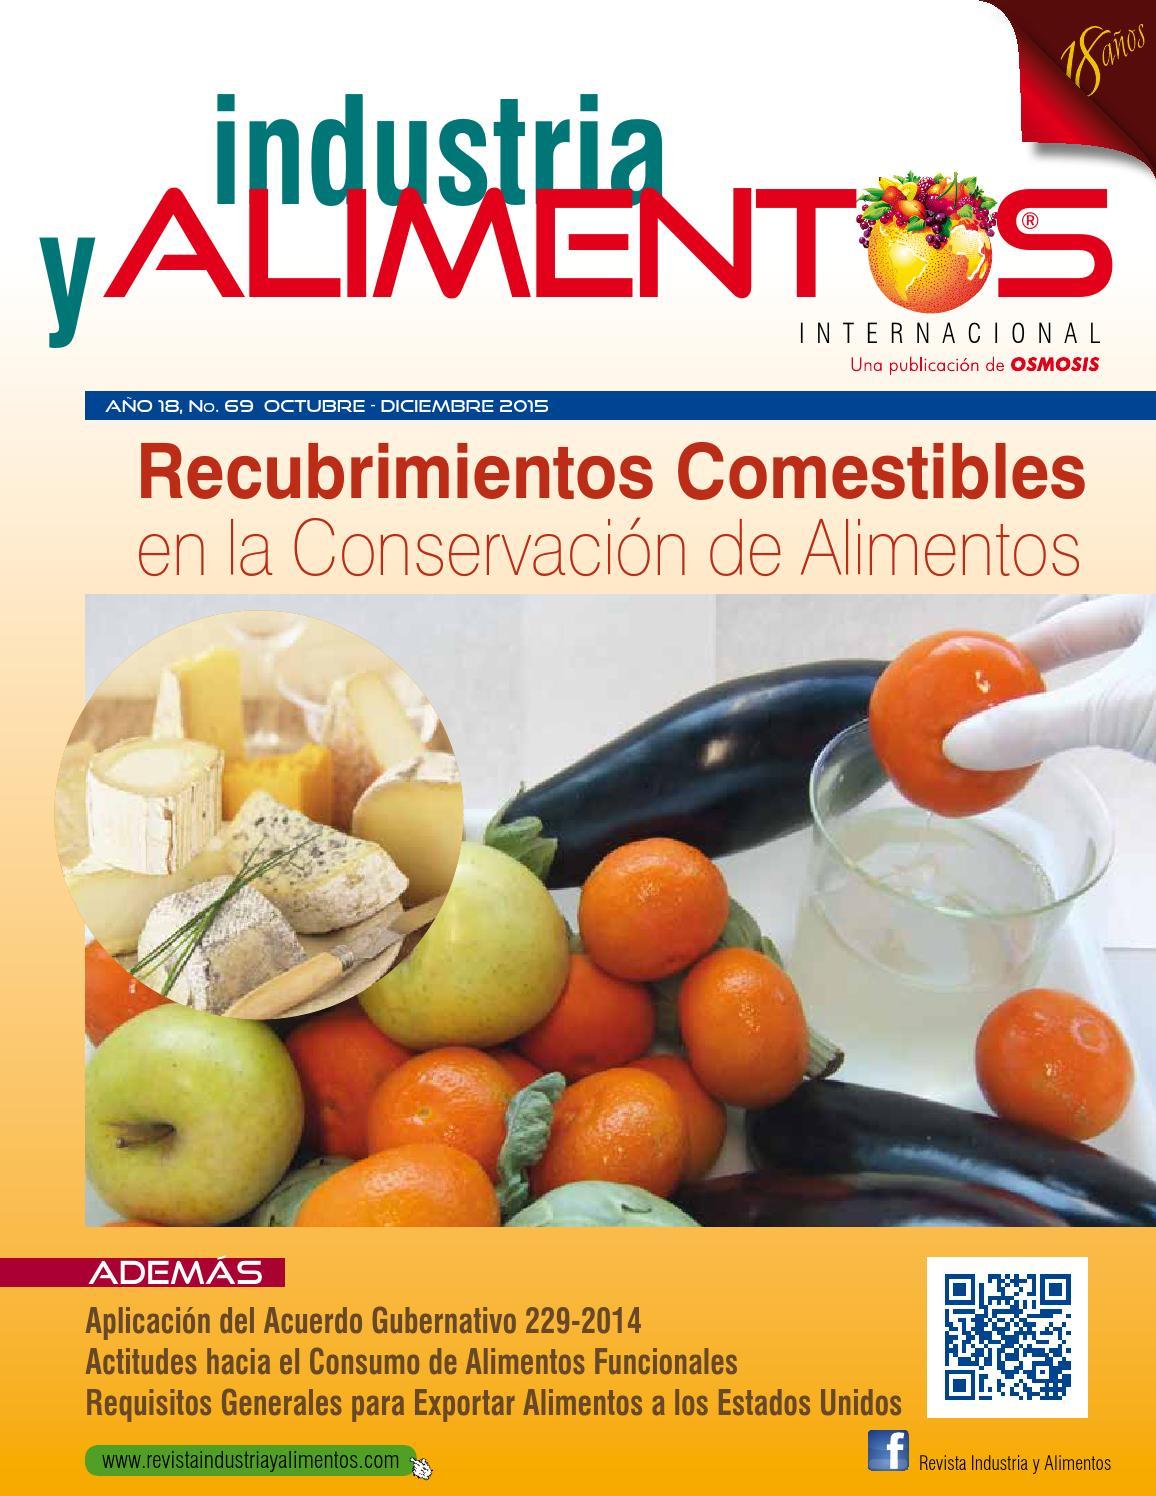 Revista industria y alimentos 69 by revista industria y alimentos quel issuu - Empresas de alimentos congelados ...